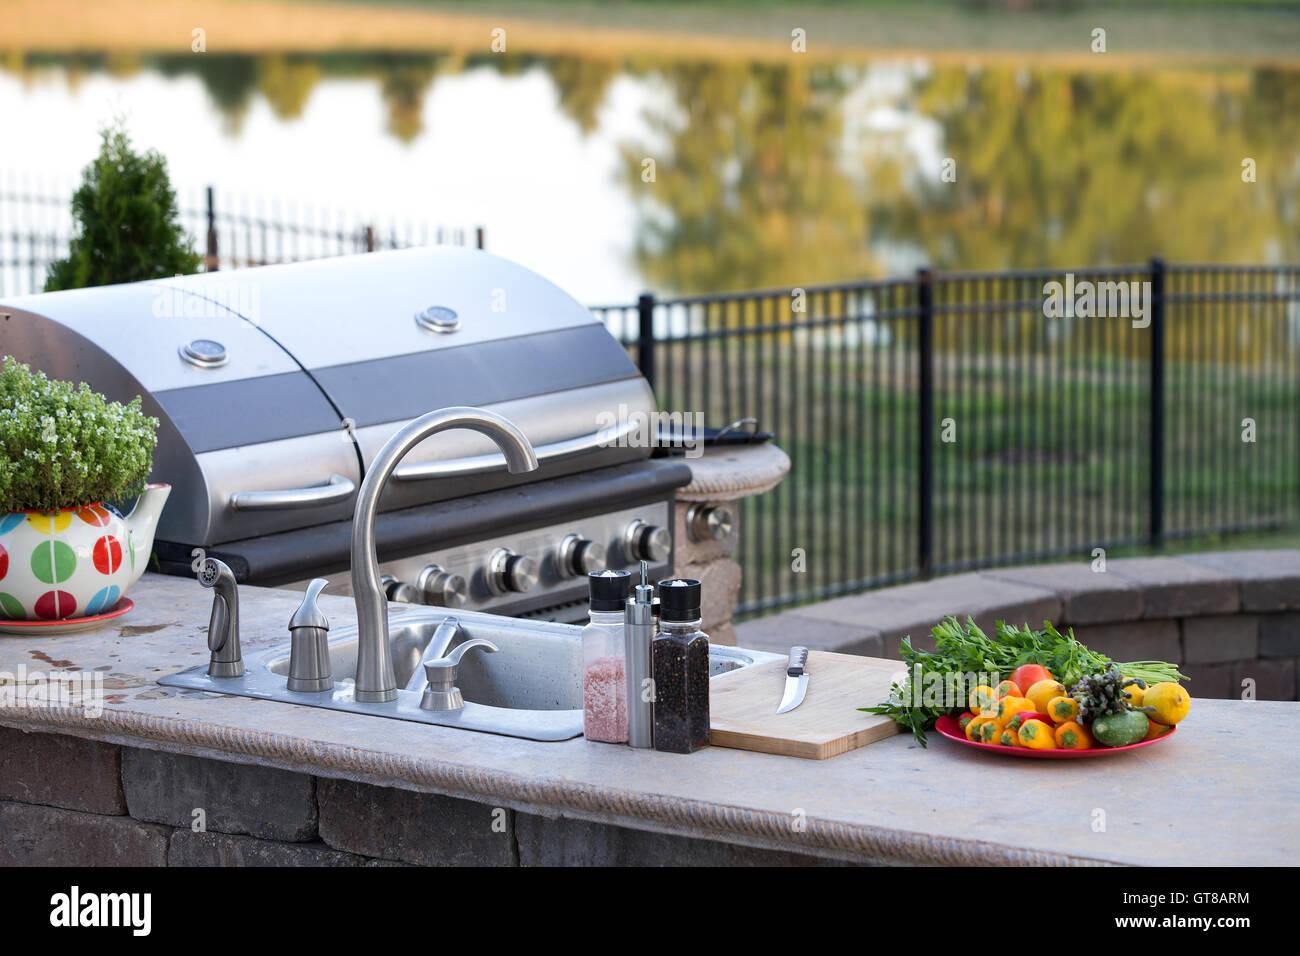 Außenküche Mit Gasgrill : Zubereitung eines gesunden sommer menüs in einer außenküche mit